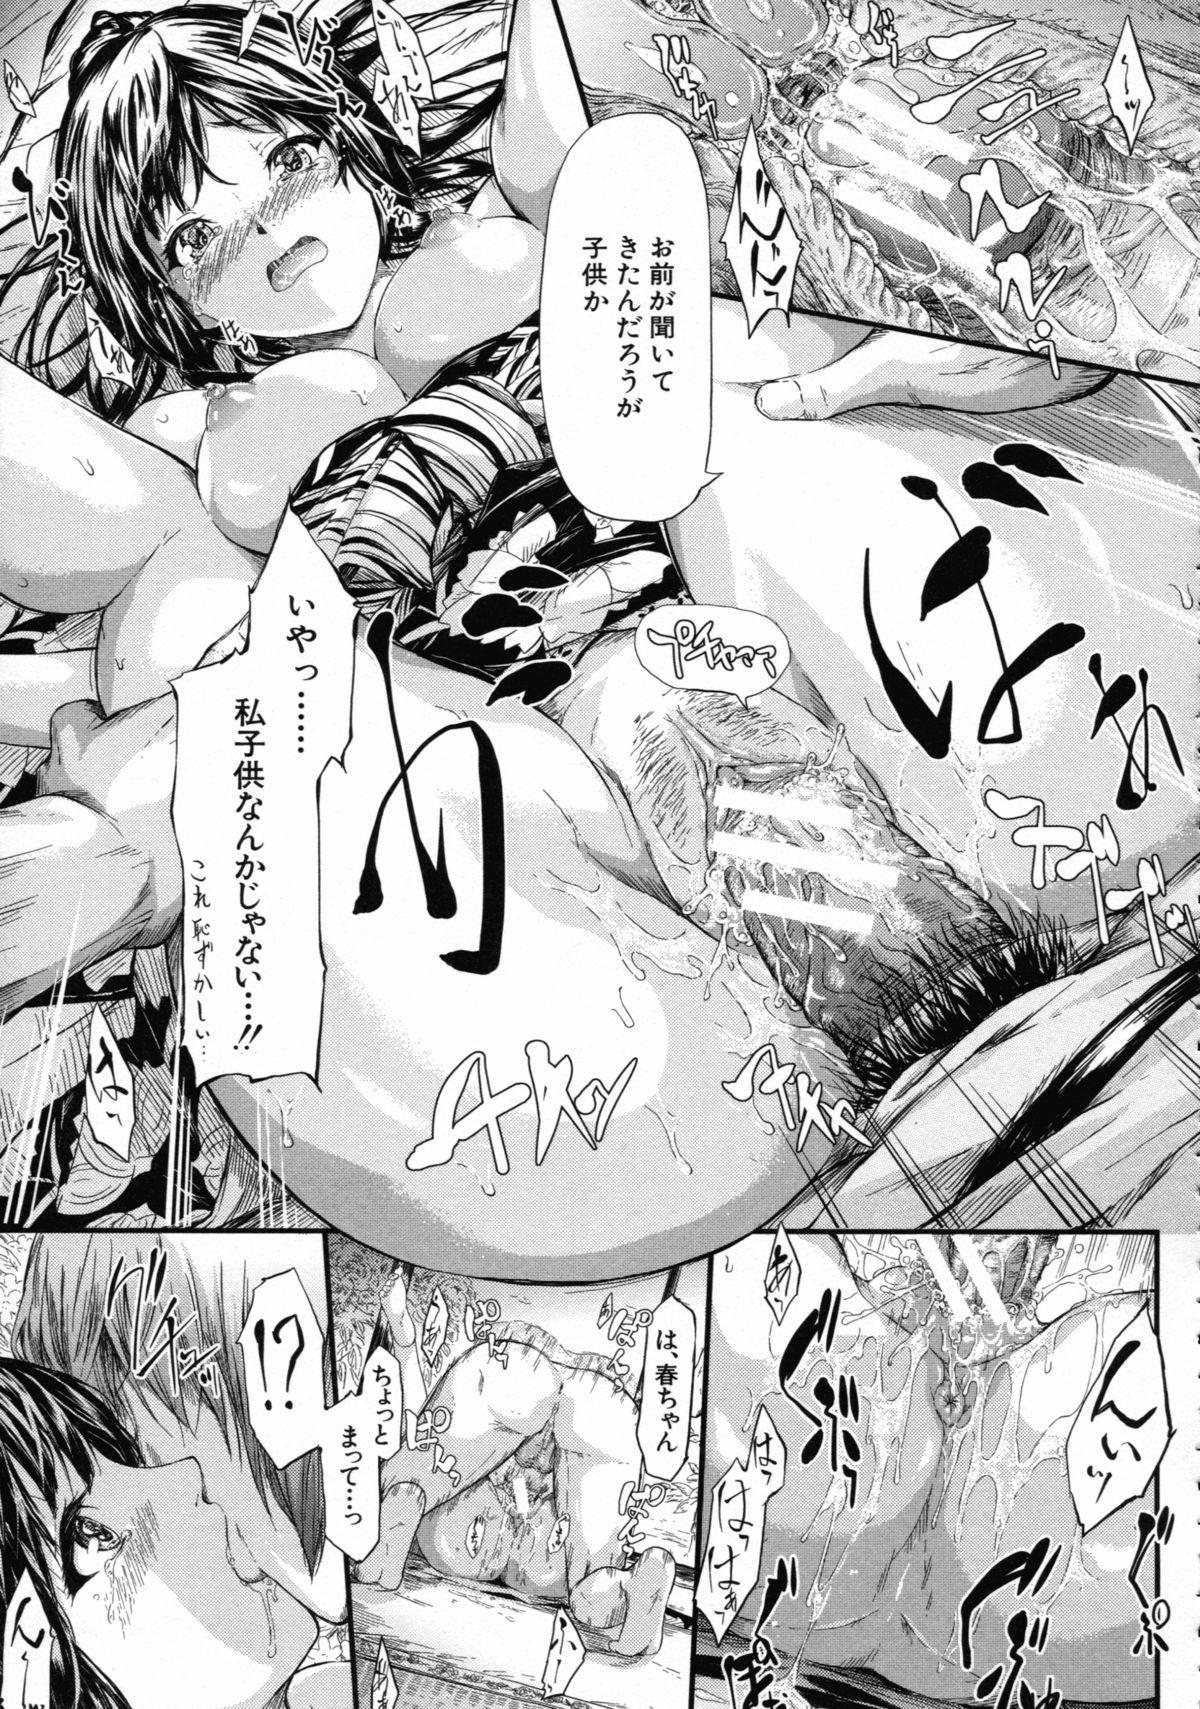 [Shiki Takuto] Tokoharu no Shoujo-tachi - The Girls in the Eternal Spring 123